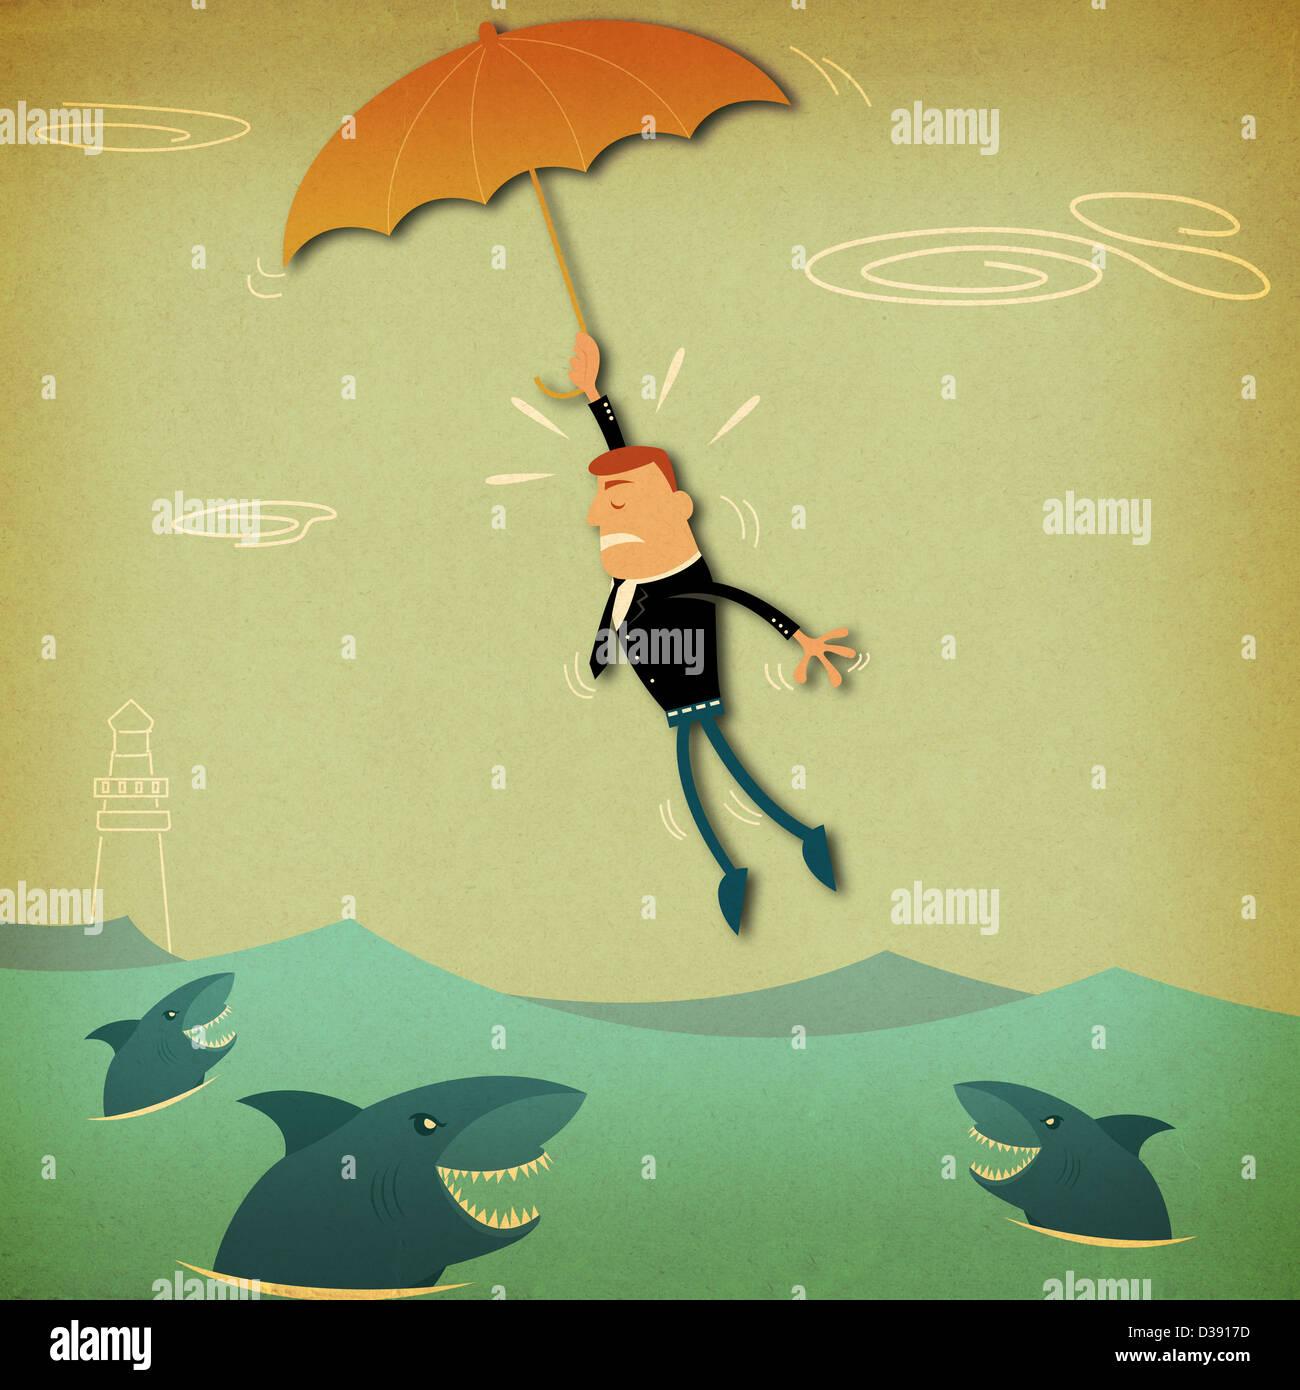 flying fish illustration stock photos amp flying fish